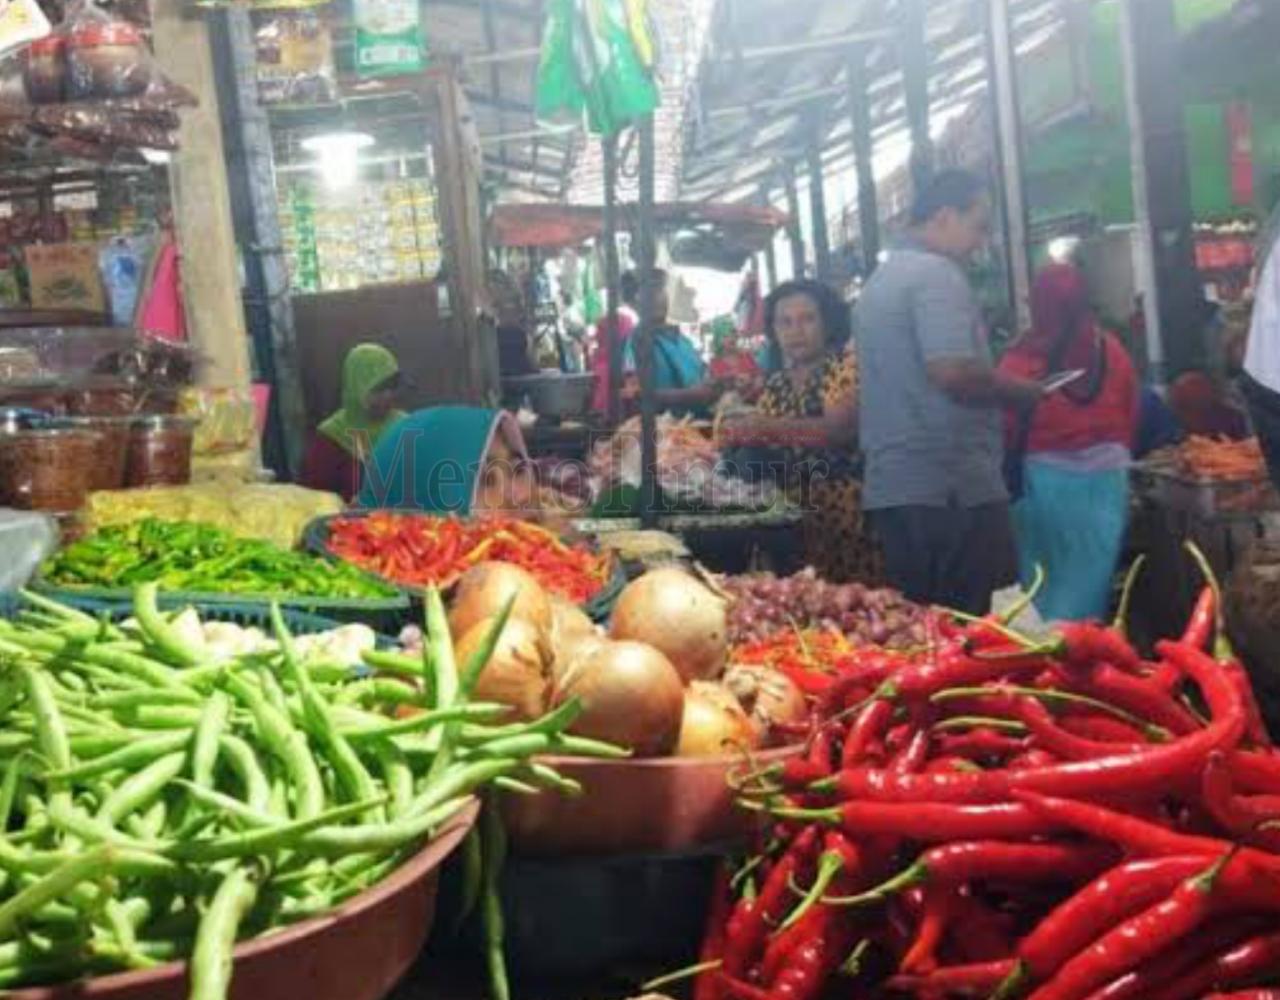 Awal Ramadan, Harga Kebutuhan Pokok di Pasar Relatif Stabil